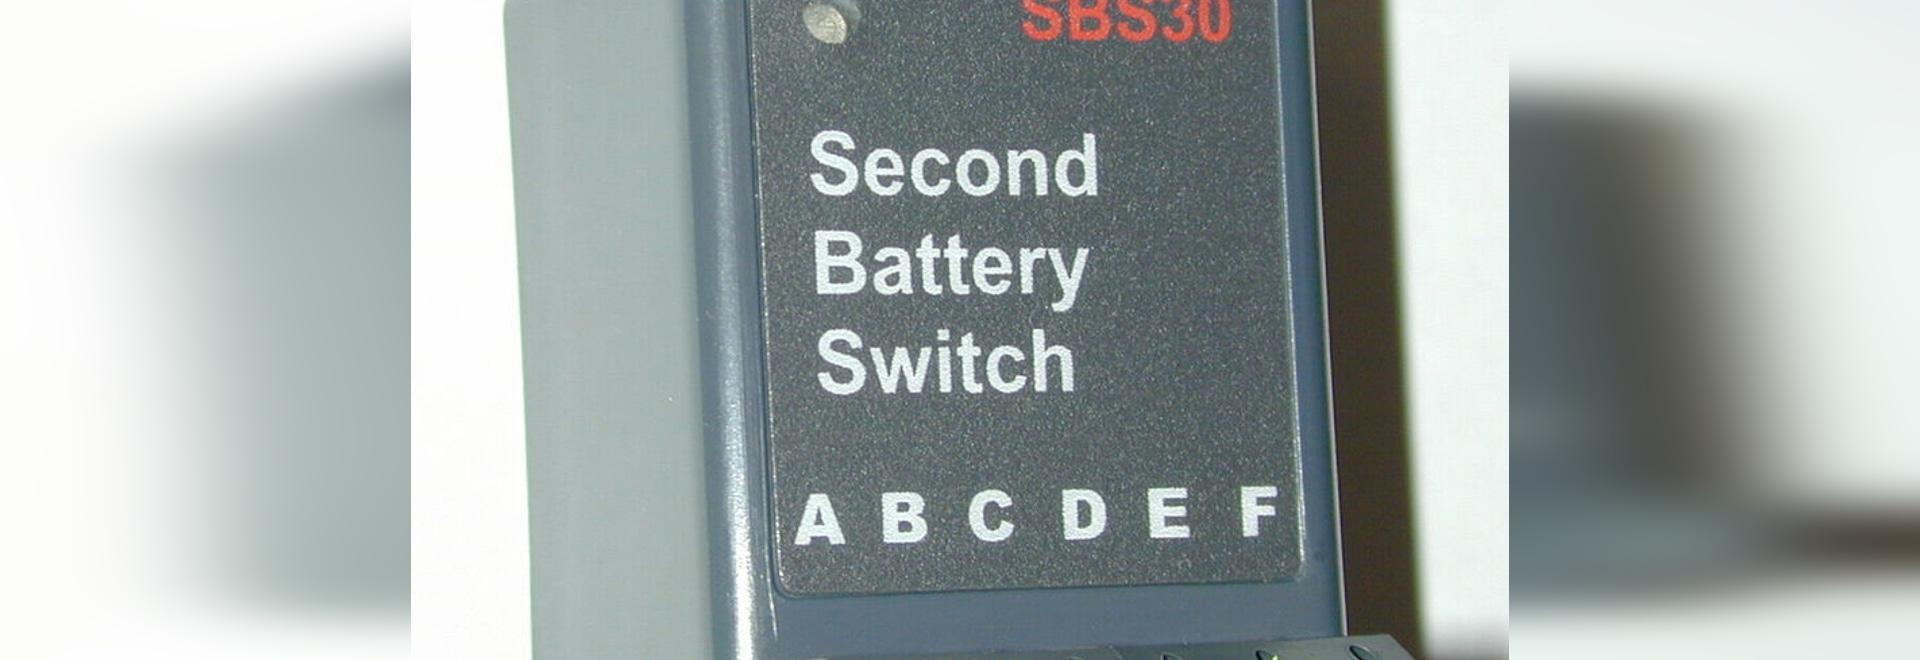 NEW: automatic battery switch by Cruzpro